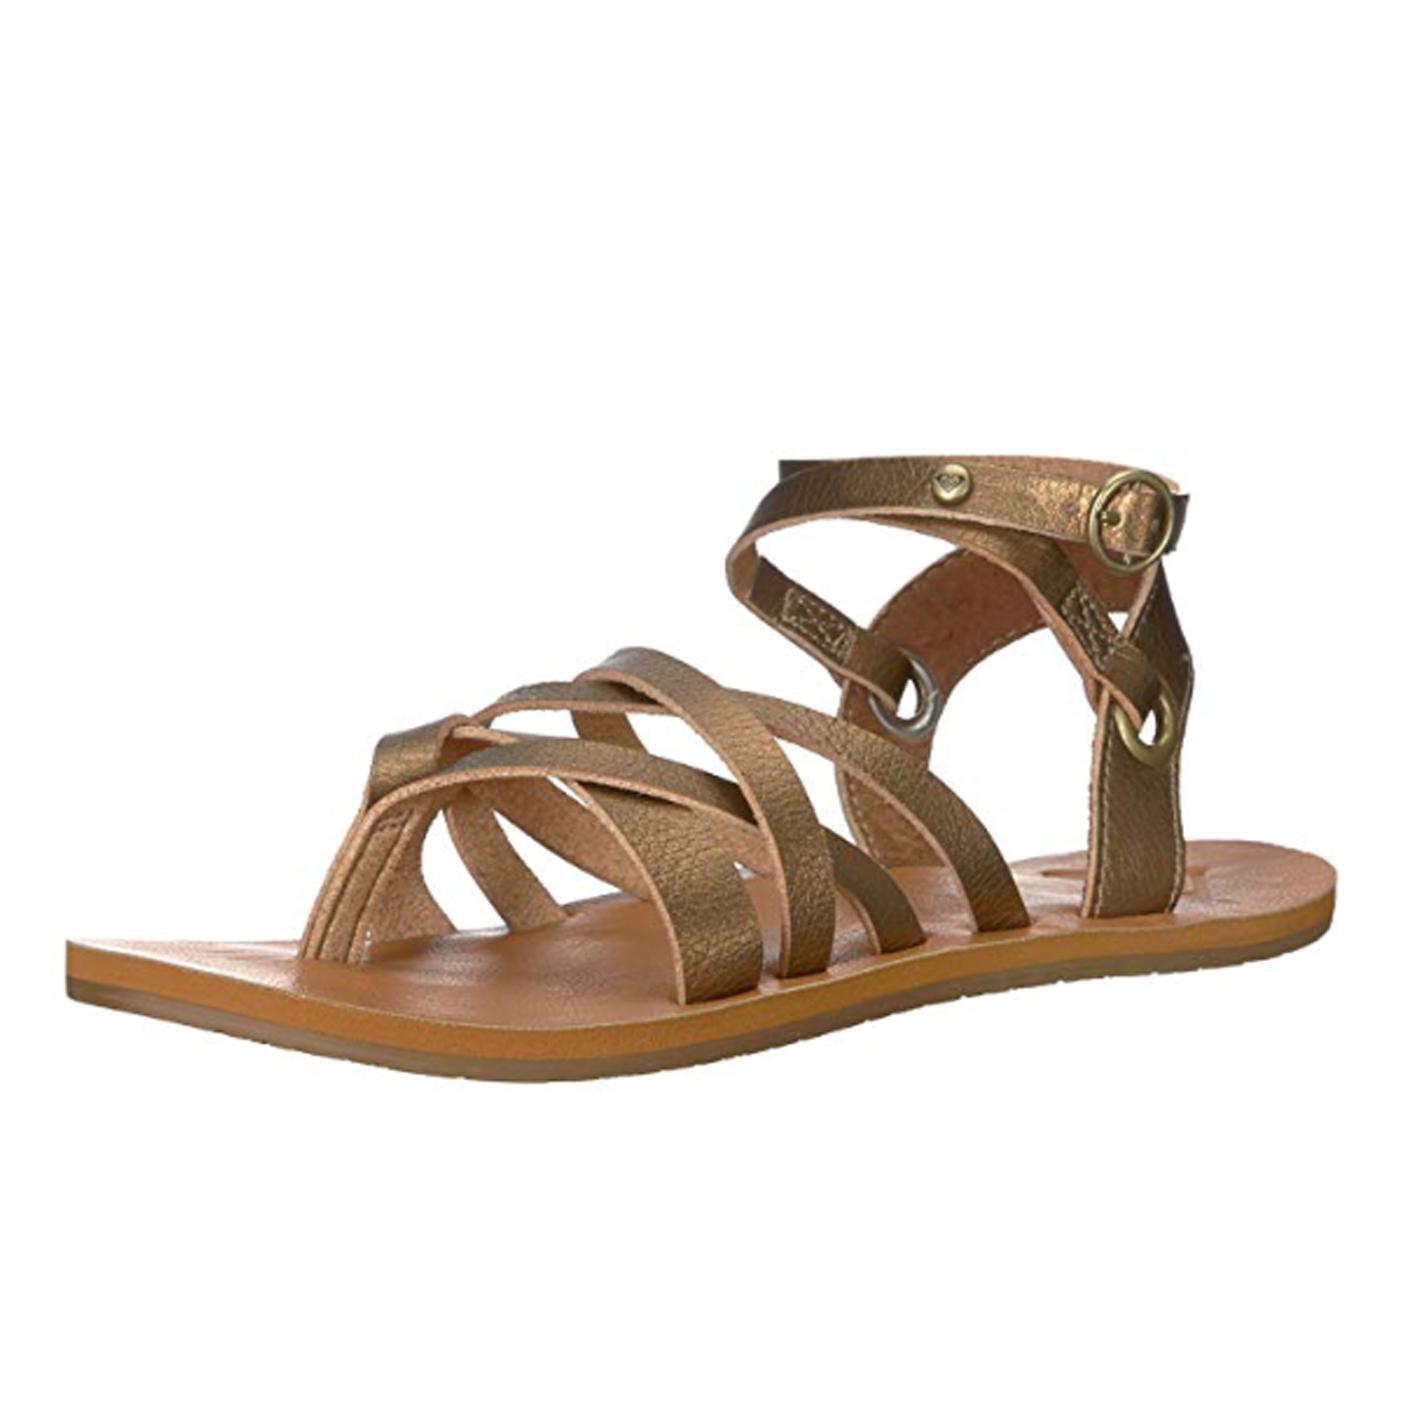 Roxy Women's Bailey Multi Strap Sandal Flat